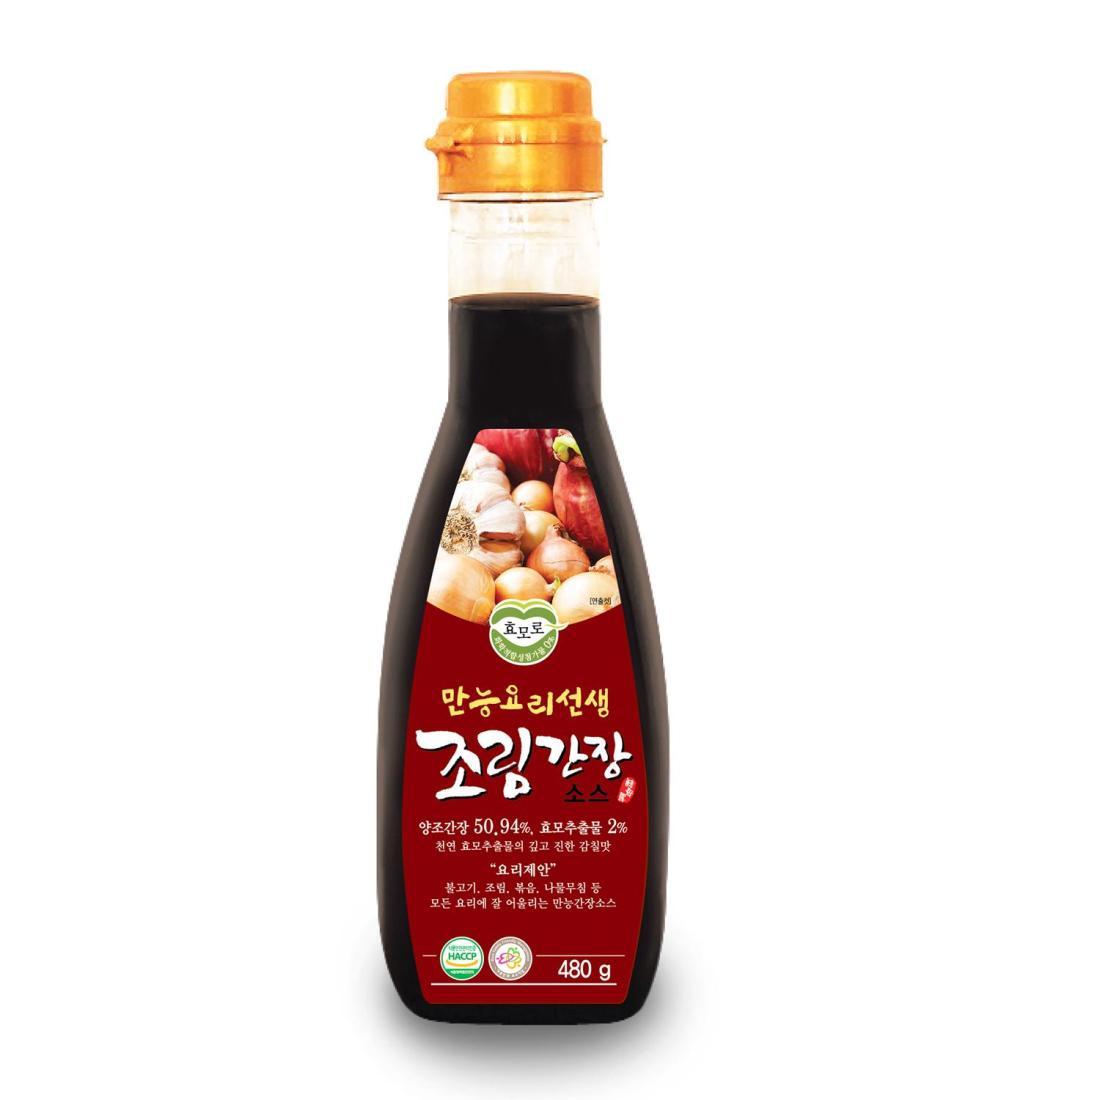 Nước Sốt Kho Hyomoro 480g 100% Tự Nhiên